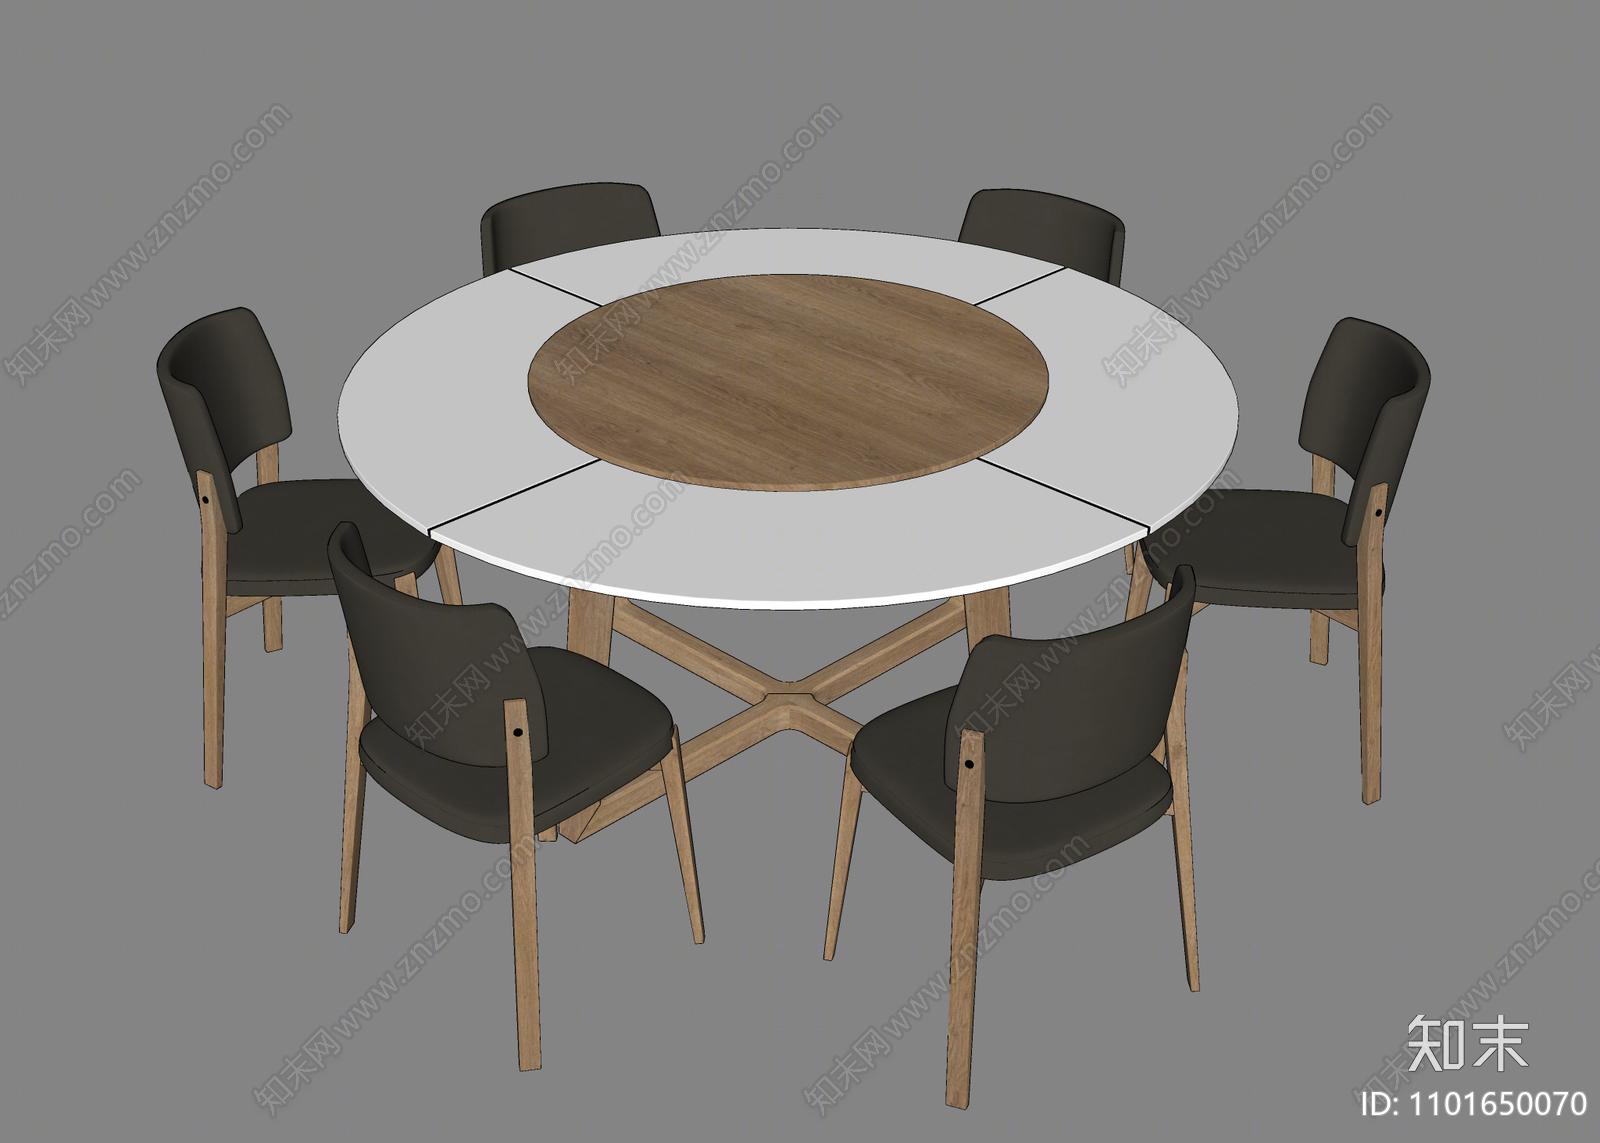 现代餐桌椅SU模型下载【ID:1101650070】